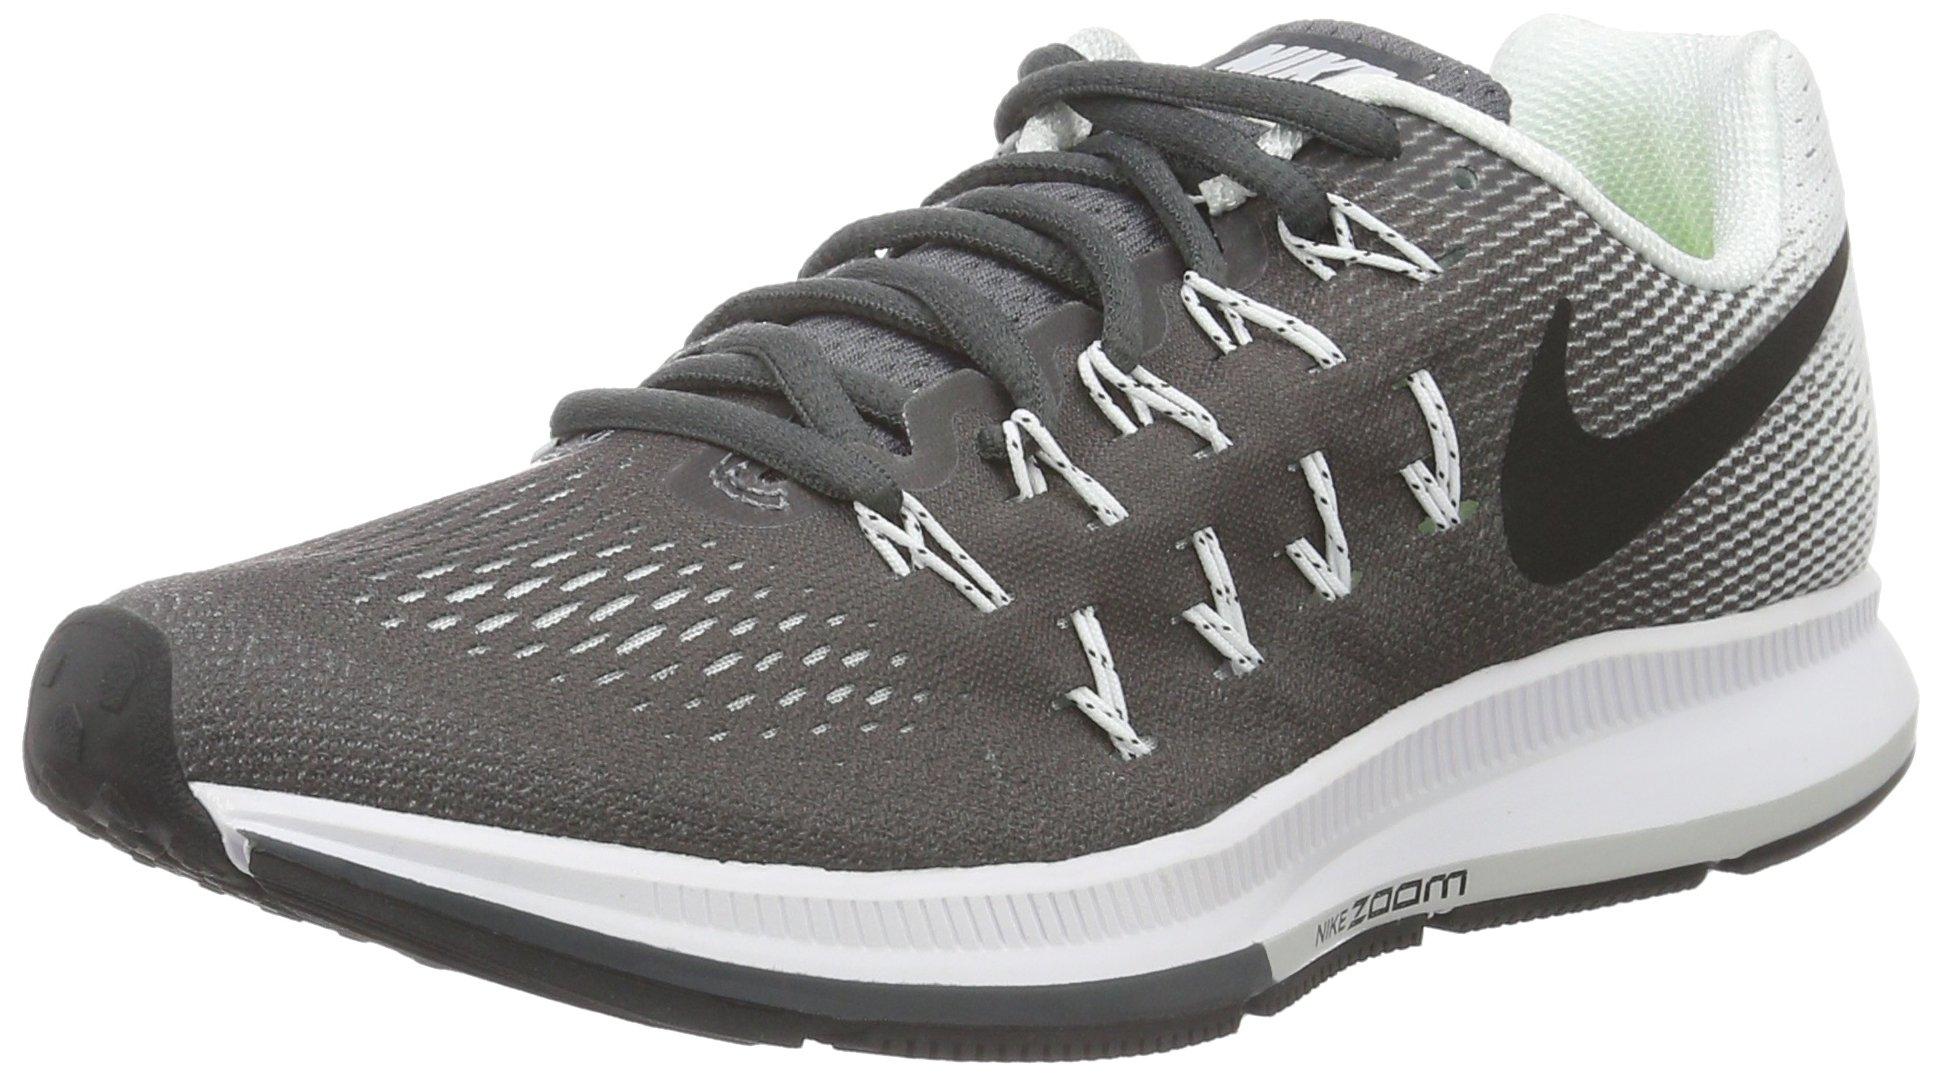 ce9906ff8ecd NIKE Air Zoom Pegasus 33 Womens Running Shoes (7 B(M) US) - 831356 ...